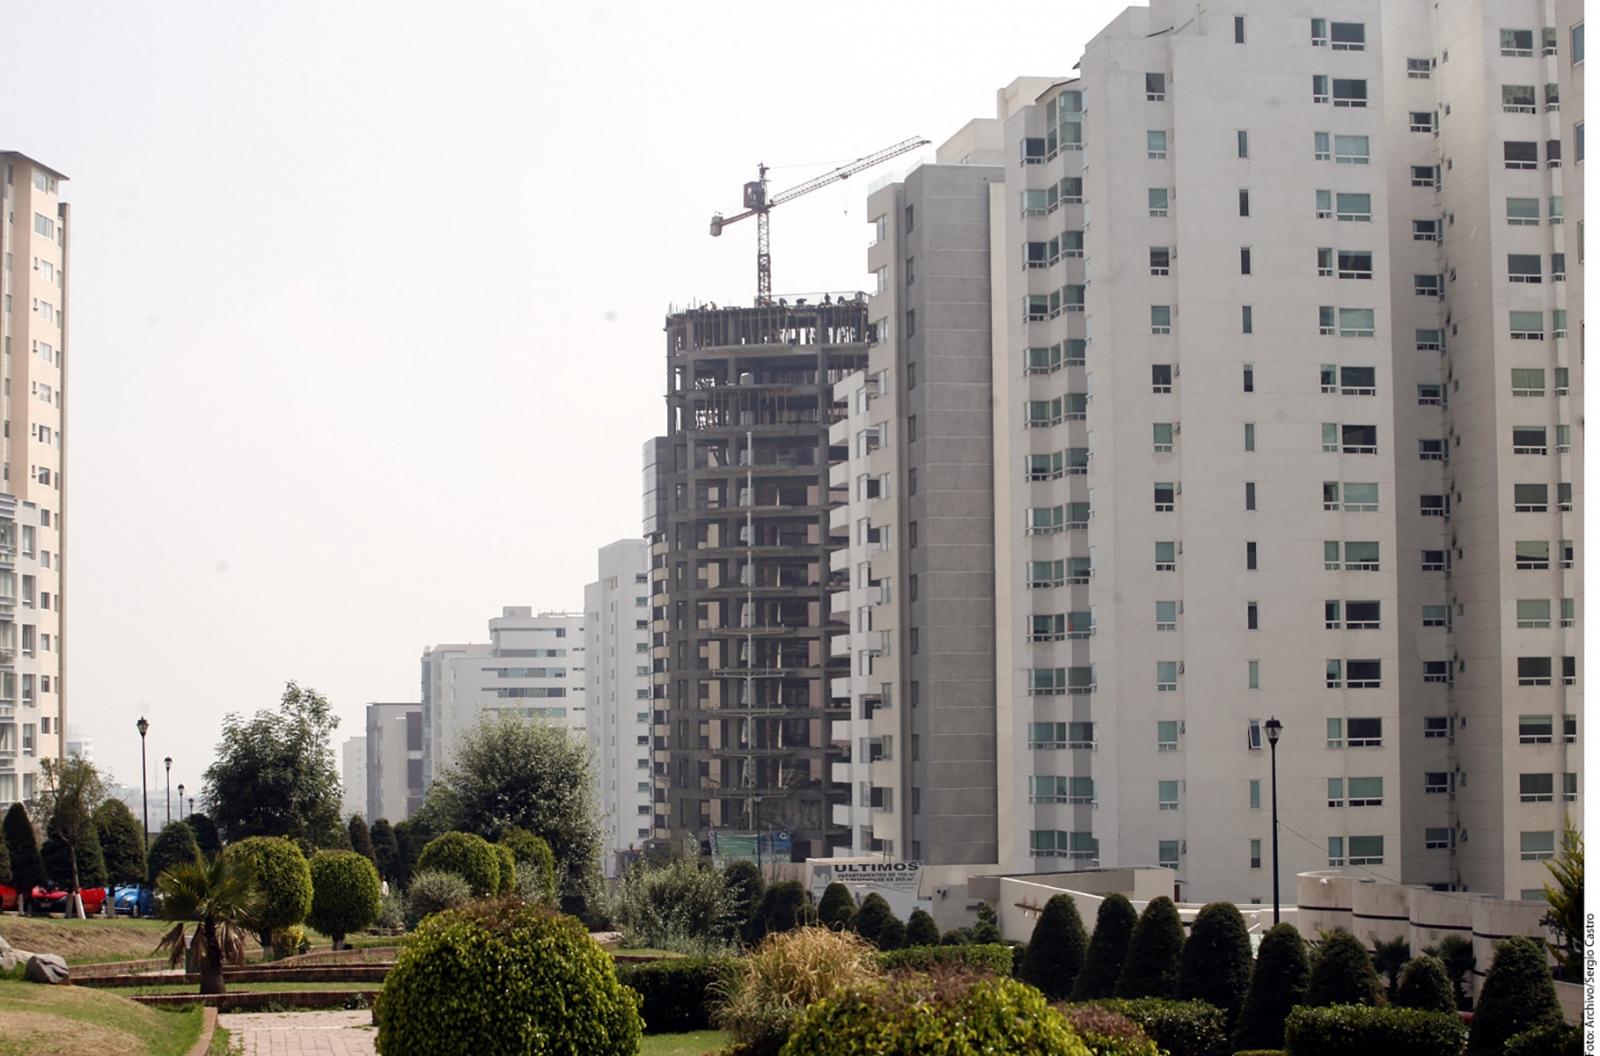 Vivienda cara por desarrollo urbano el vig a - Futuro precio vivienda ...